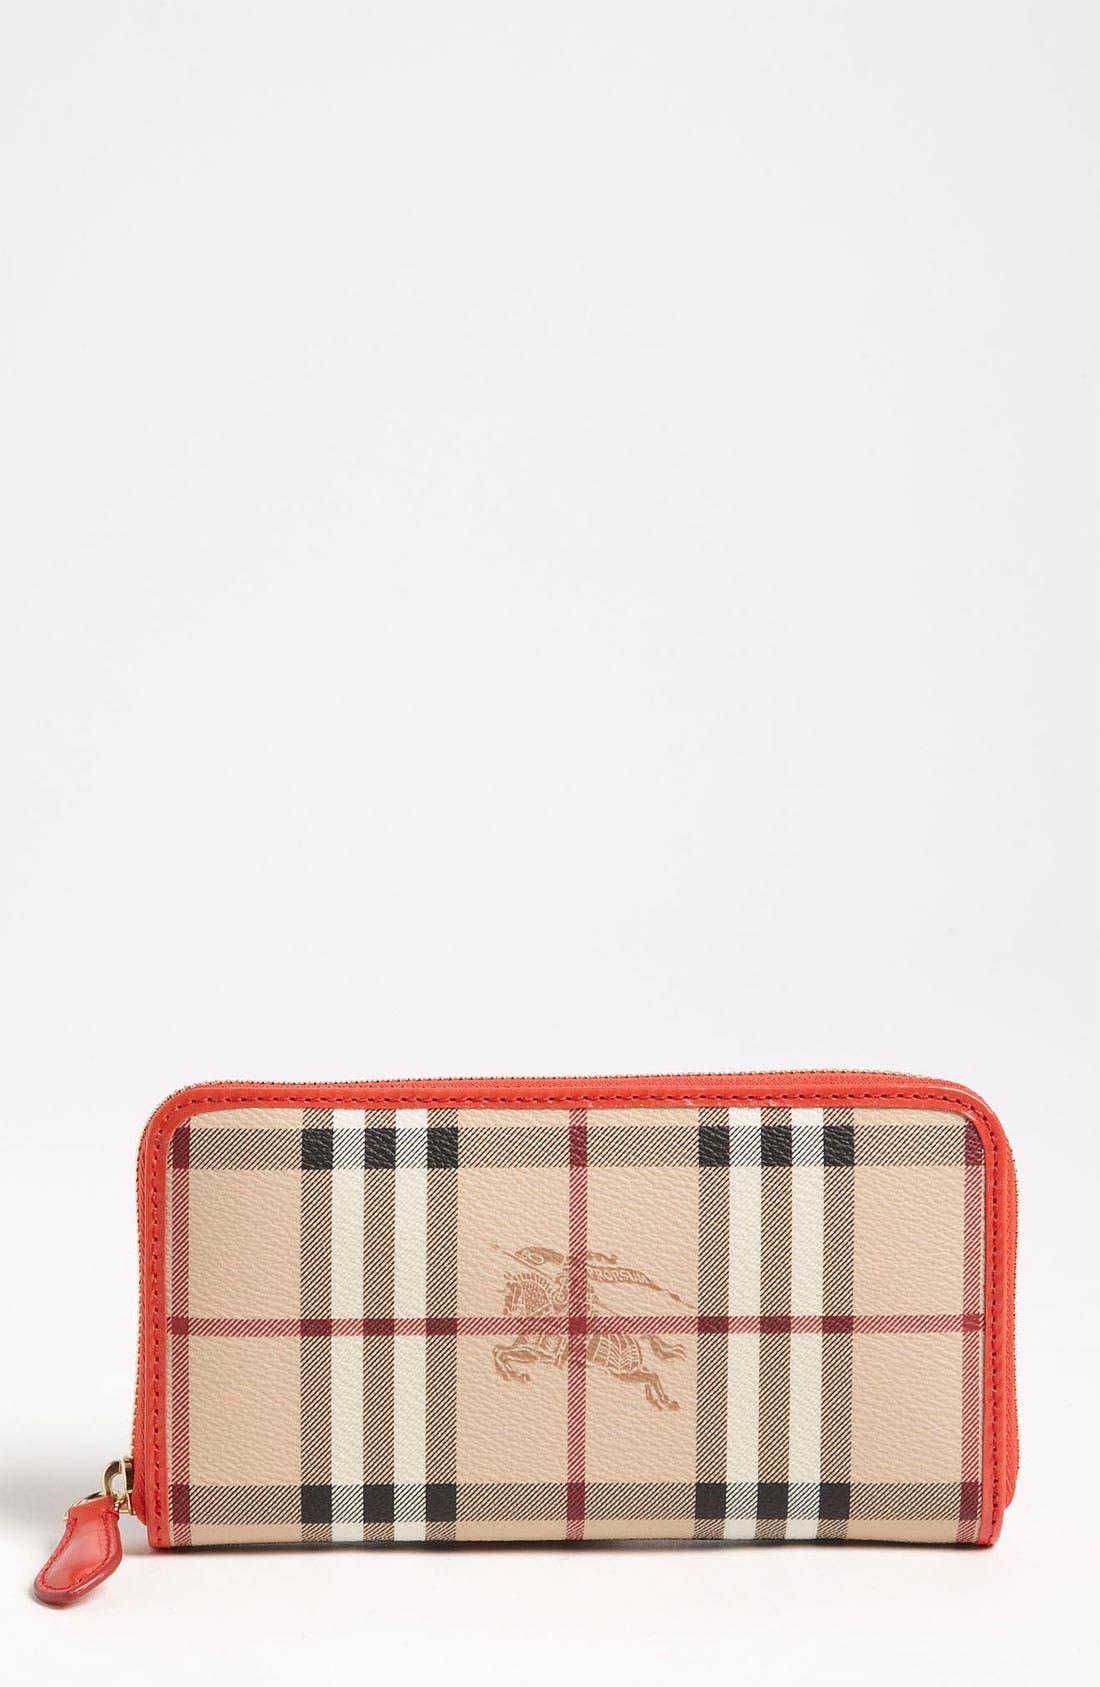 Alternate Image 1 Selected - Burberry 'Haymarket Check' Zip Around Wallet